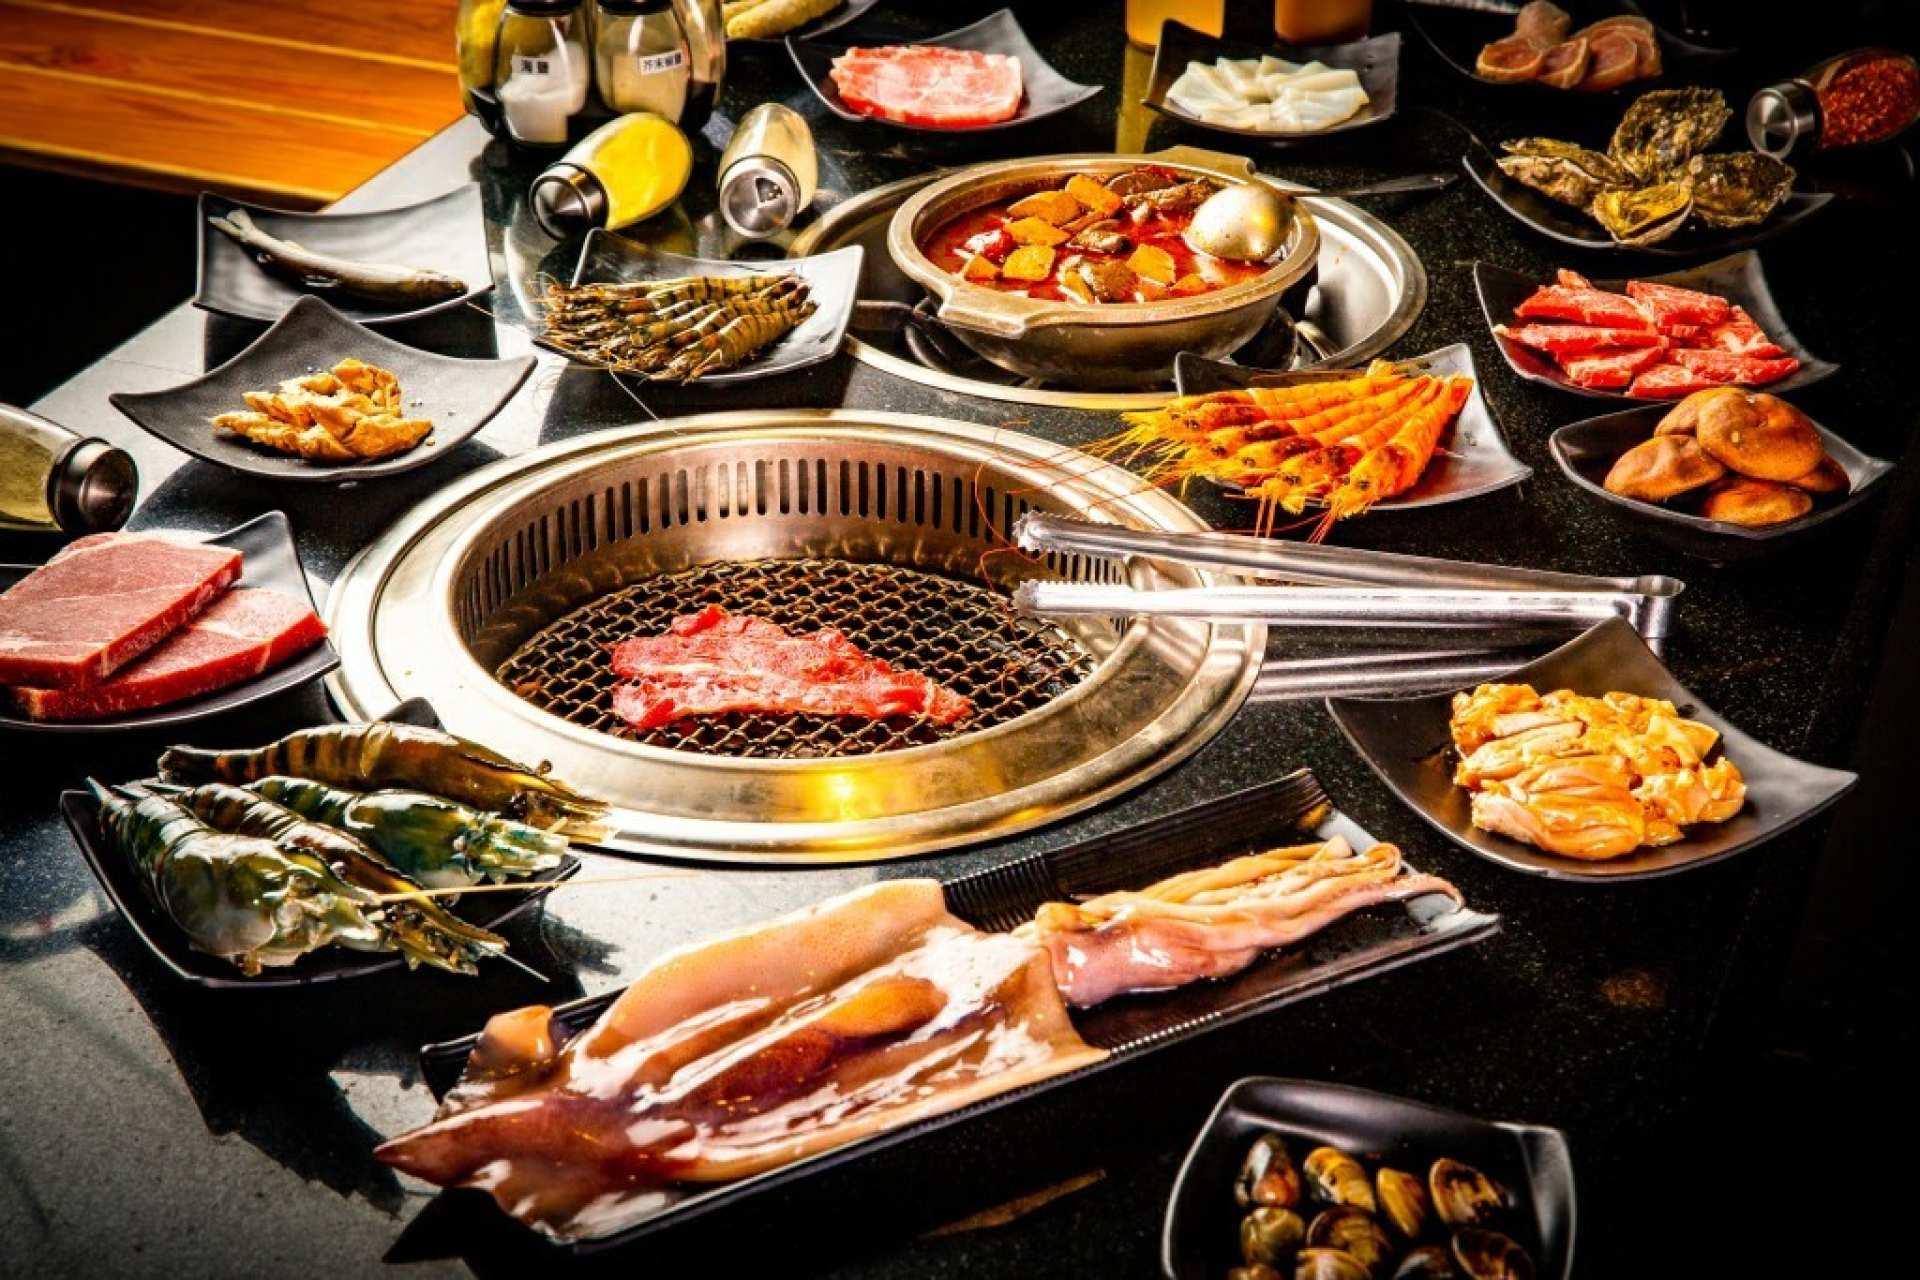 【西門町日式燒肉店】上禾町燒肉+啤酒絕配吃喝到飽